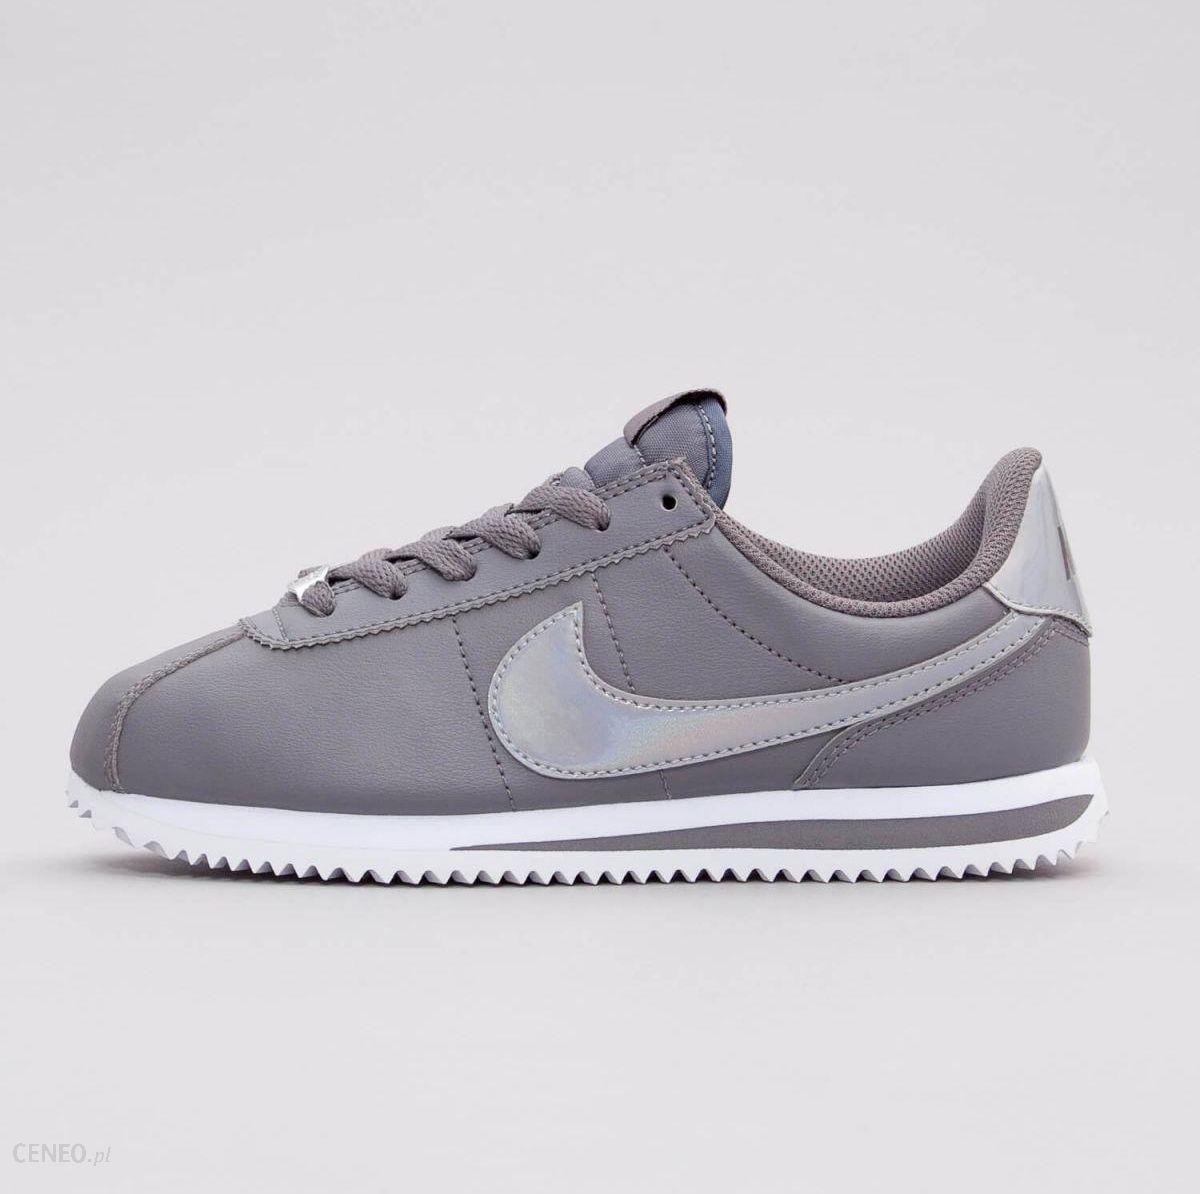 promo code 46a85 6ce3c Nike Cortez Basic SL (GS) AH7528-001 - zdjęcie 1